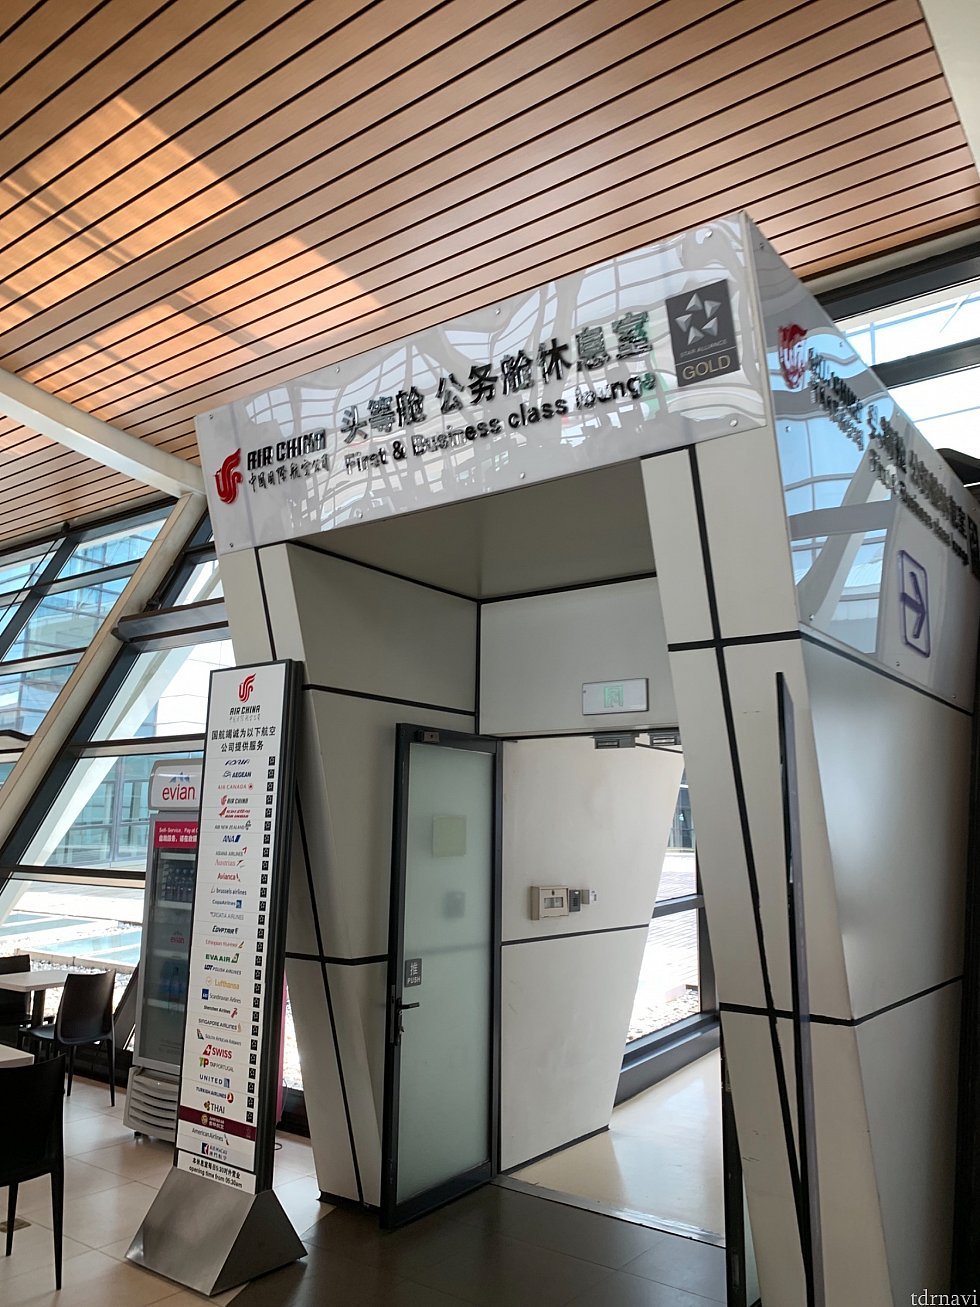 浦東空港のラウンジはユナイテッド航空のラウンジが利用出来ますが、プライオリティパスをお持ちであれば77番ラウンジが以前よりも拡大されたので、そちらの方が落ち着けます…